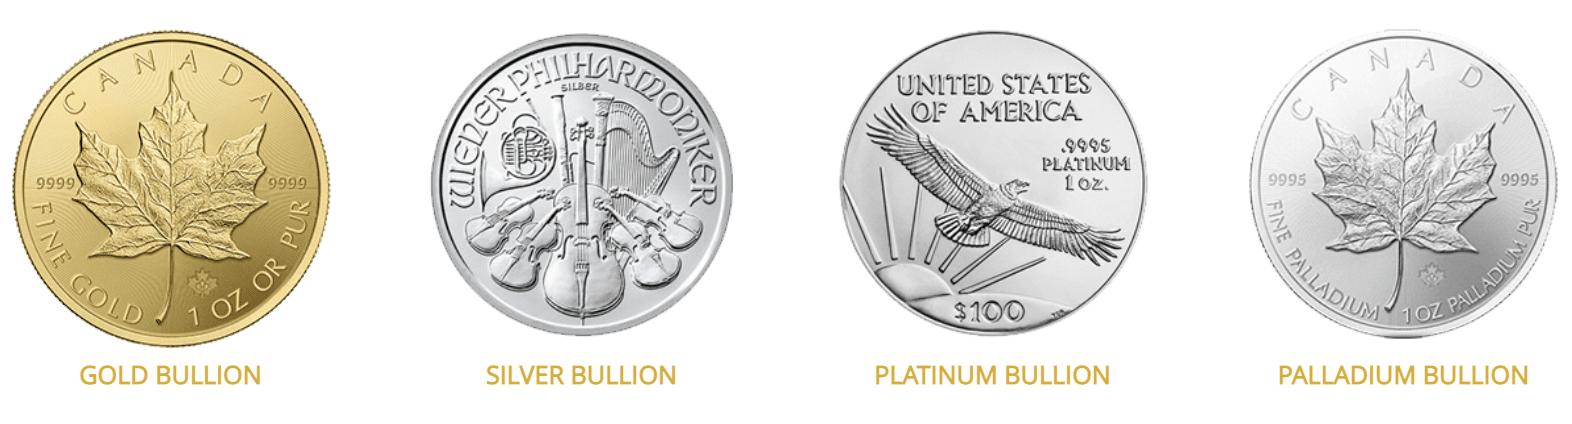 IRA eligible gold silver platinum palladium